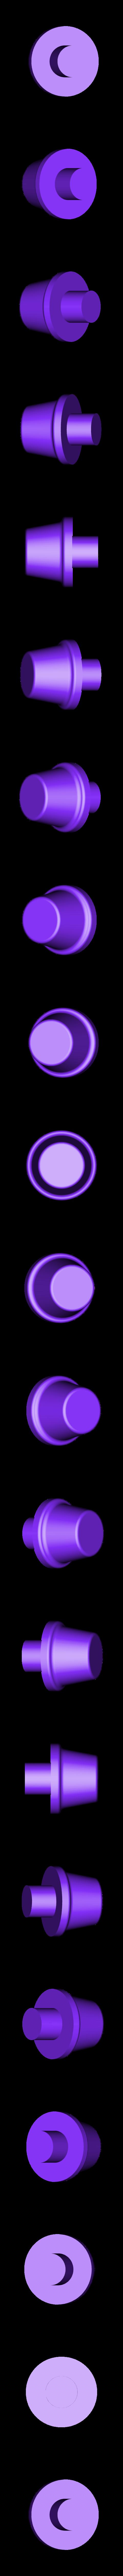 lamp.stl Télécharger fichier STL gratuit M-O • Plan pour imprimante 3D, ROYLO